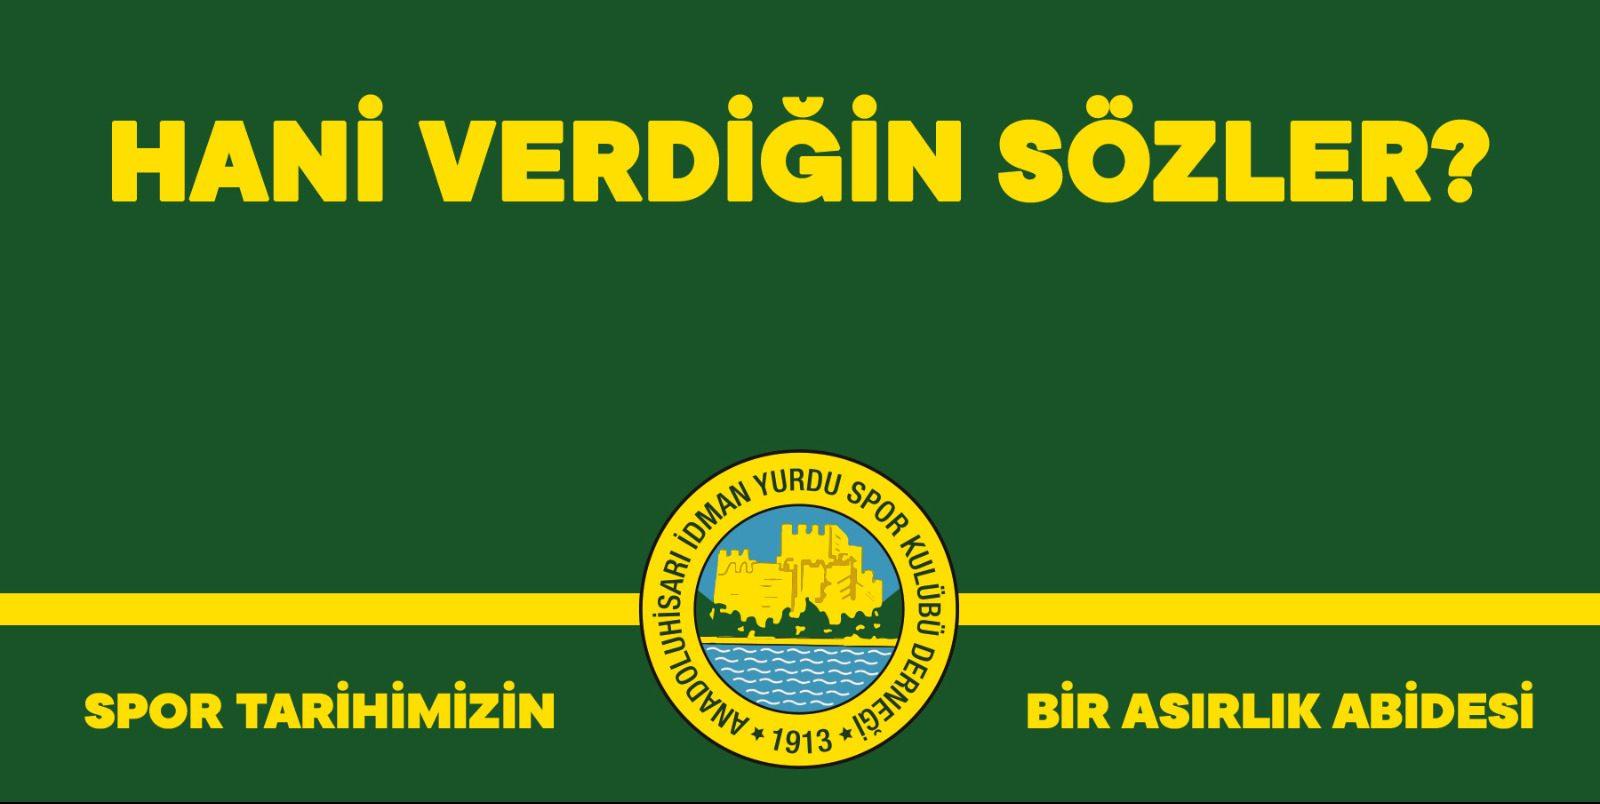 Anadoluhisarı I.Y Spor Kulübü'nden tesisleşme açıklaması